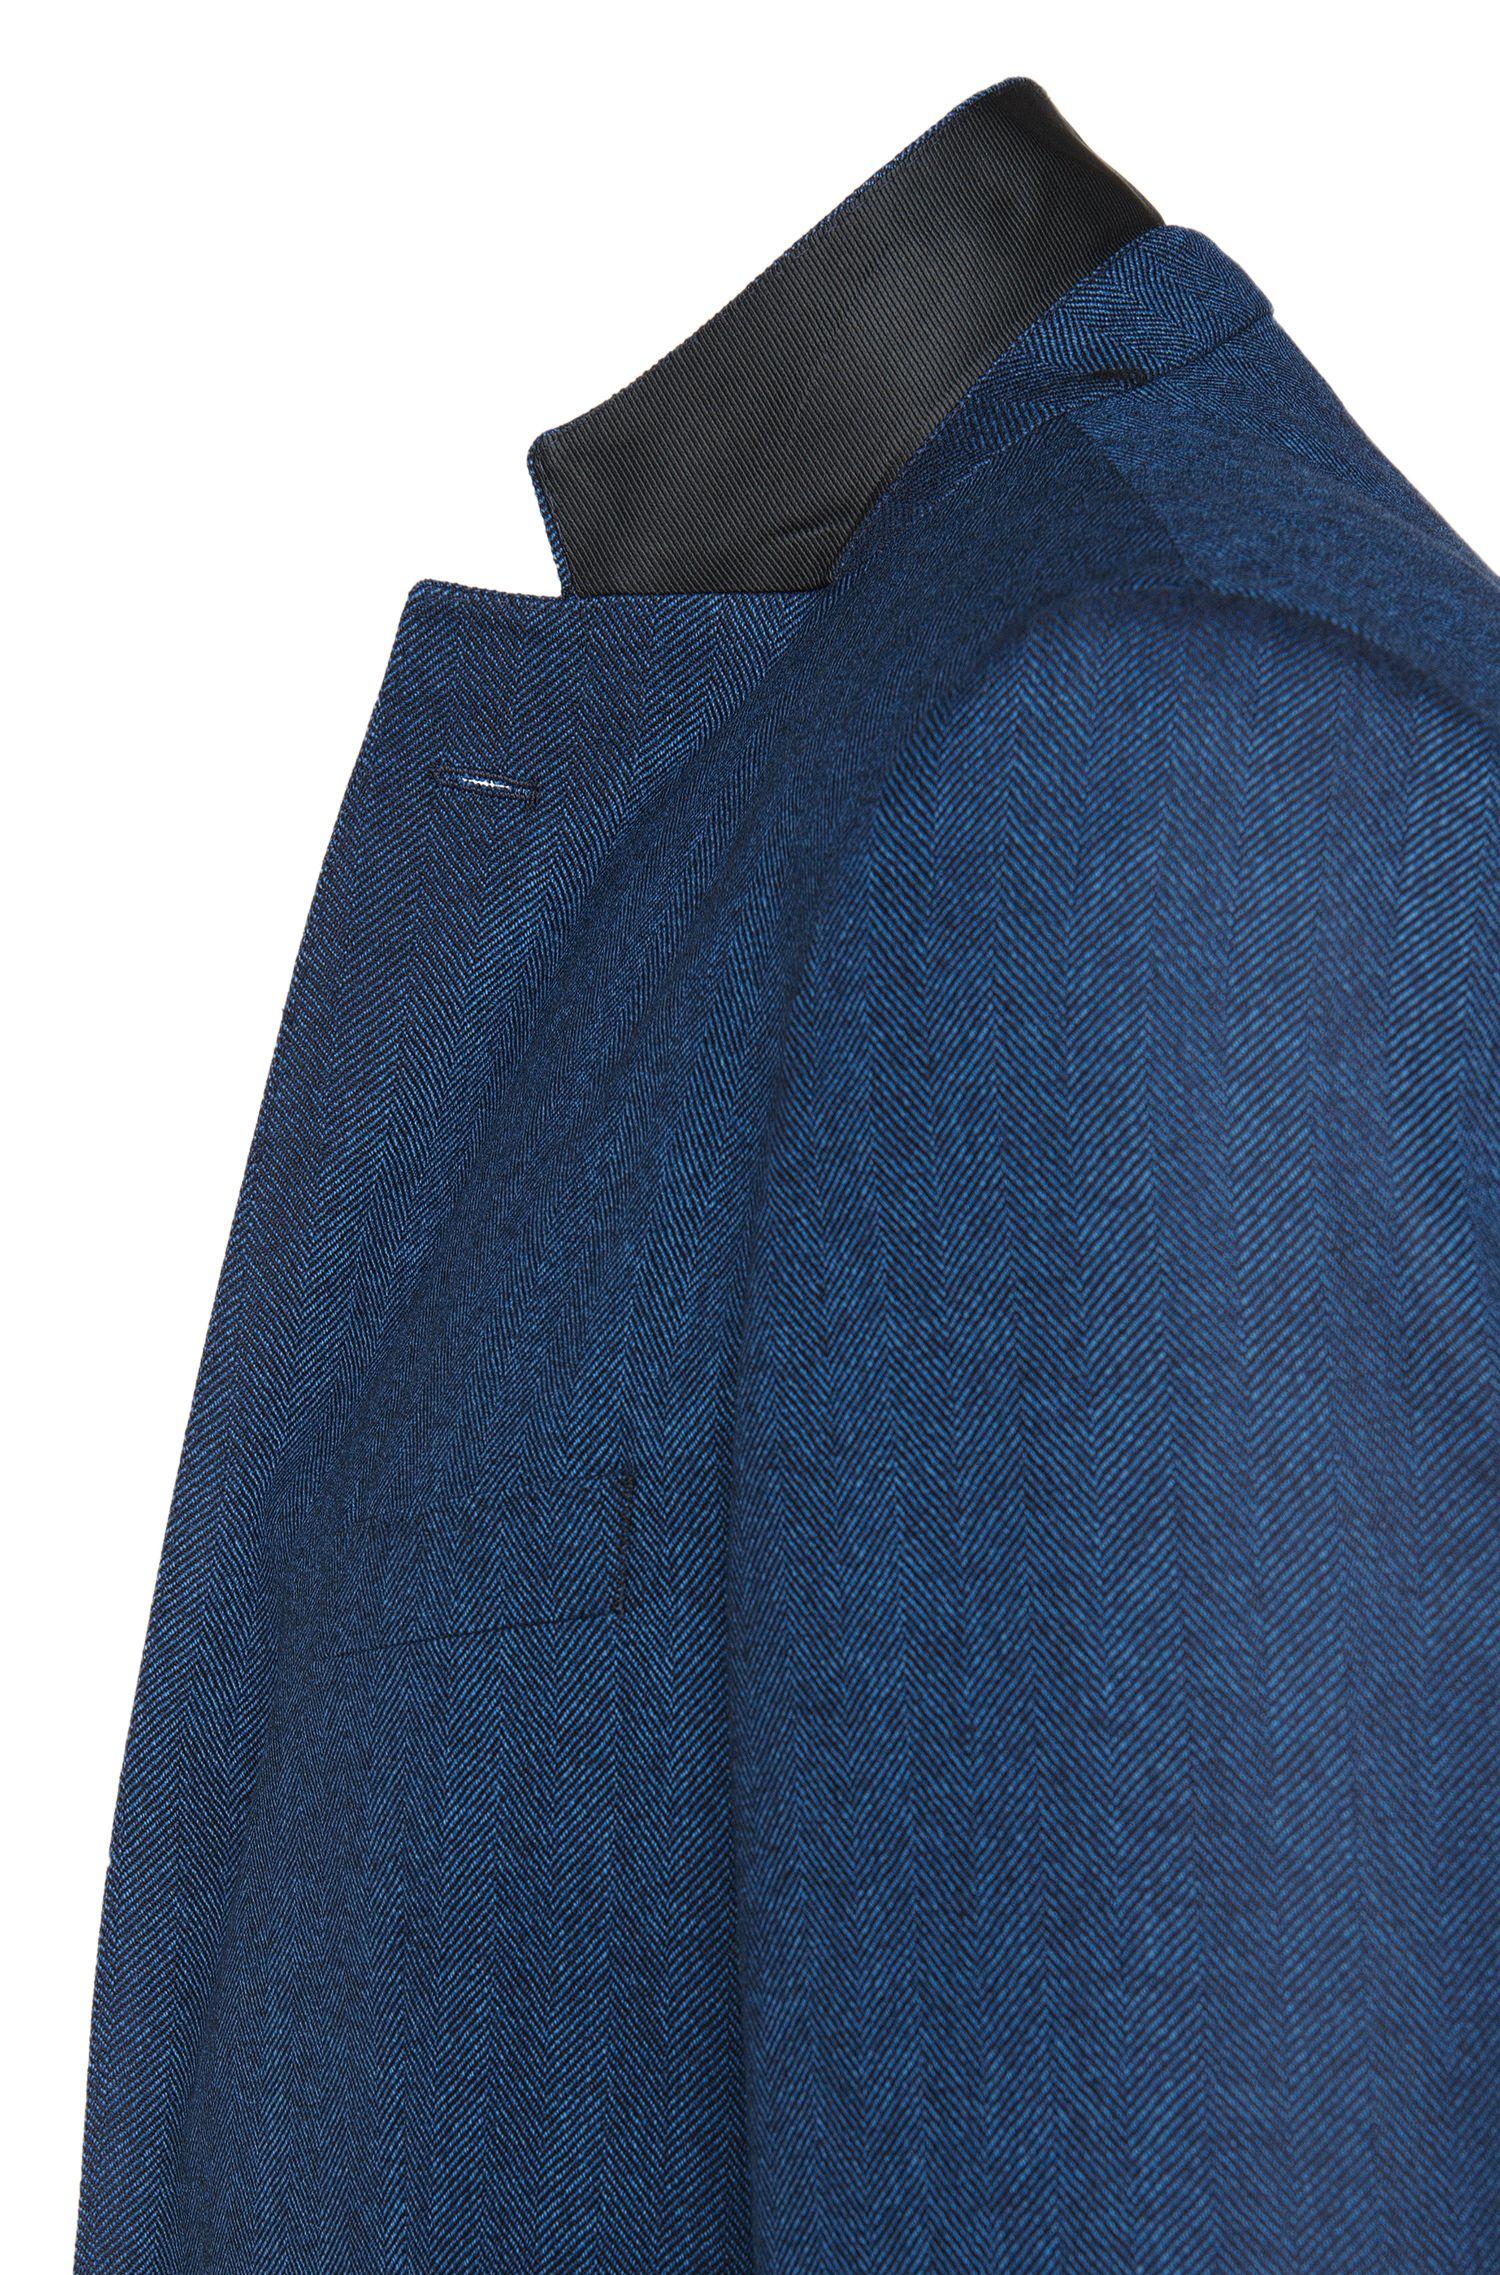 Regular-Fit Sakko aus Schurwolle mit Fischgrät-Muster: 'Janson2'